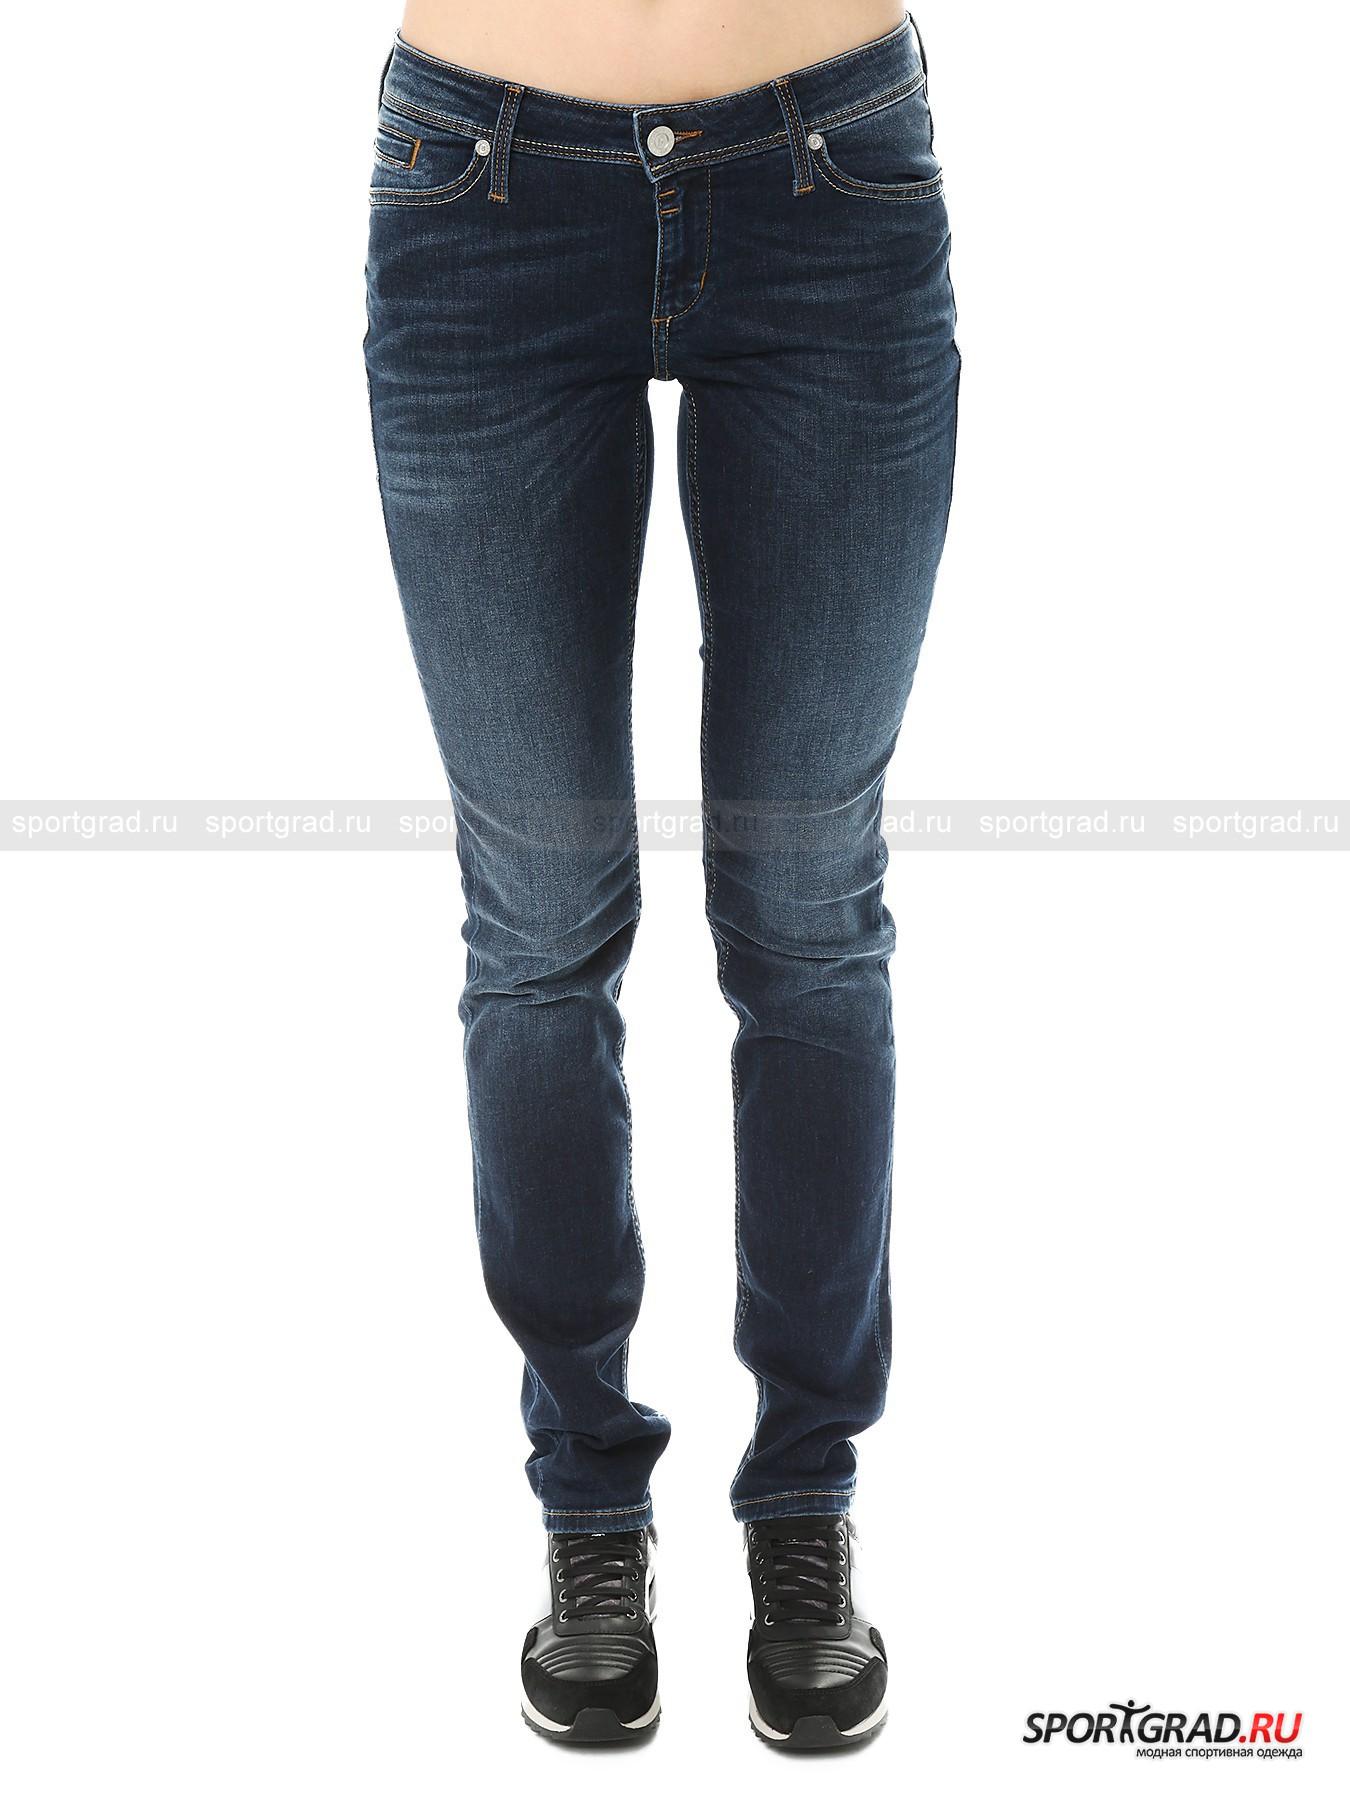 Джинсы женские So Slim BOGNER JEANSДжинсы<br>Гардероб любой современной девушки невозможно представить без джинсов. Из рабочей одежды эта вещь давно превратилась в элемент повседневного стиля, уместный в любой ситуации. Стоит только выбирать качественные джинсы, и тогда даже в сочетании с простой белой майкой они будут смотреться потрясающе.<br><br>Джинсы So Slim Bogner Jeans именно такие. Превосходная посадка, премиальный эластичный материал, модные «заломы» и потертости, брендированные детали делают эти штаны идеальным выбором на каждый день.<br><br>Пол: Женский<br>Возраст: Взрослый<br>Тип: Джинсы<br>Рекомендации по уходу: стирка в теплой воде до 30 С; не отбеливать; гладить слегка нагретым утюгом (температура до 110 C); химическая чистка запрещена; нельзя выжимать и сушить в стиральной машине<br>Состав: 98% хлопок, 2% эластан